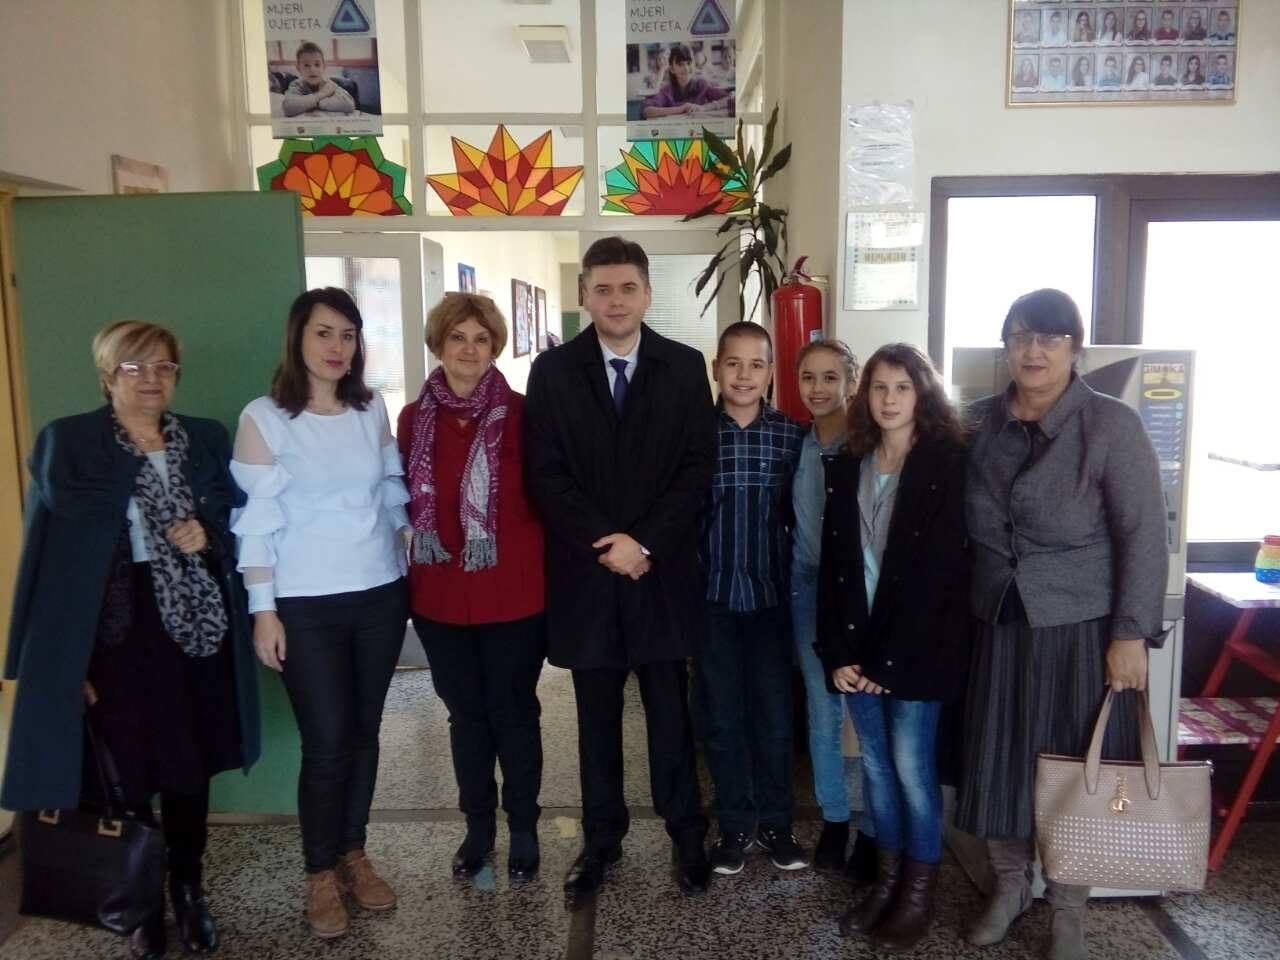 Ministar obrazovanja u posjeti osnovnim školama u Tuzli